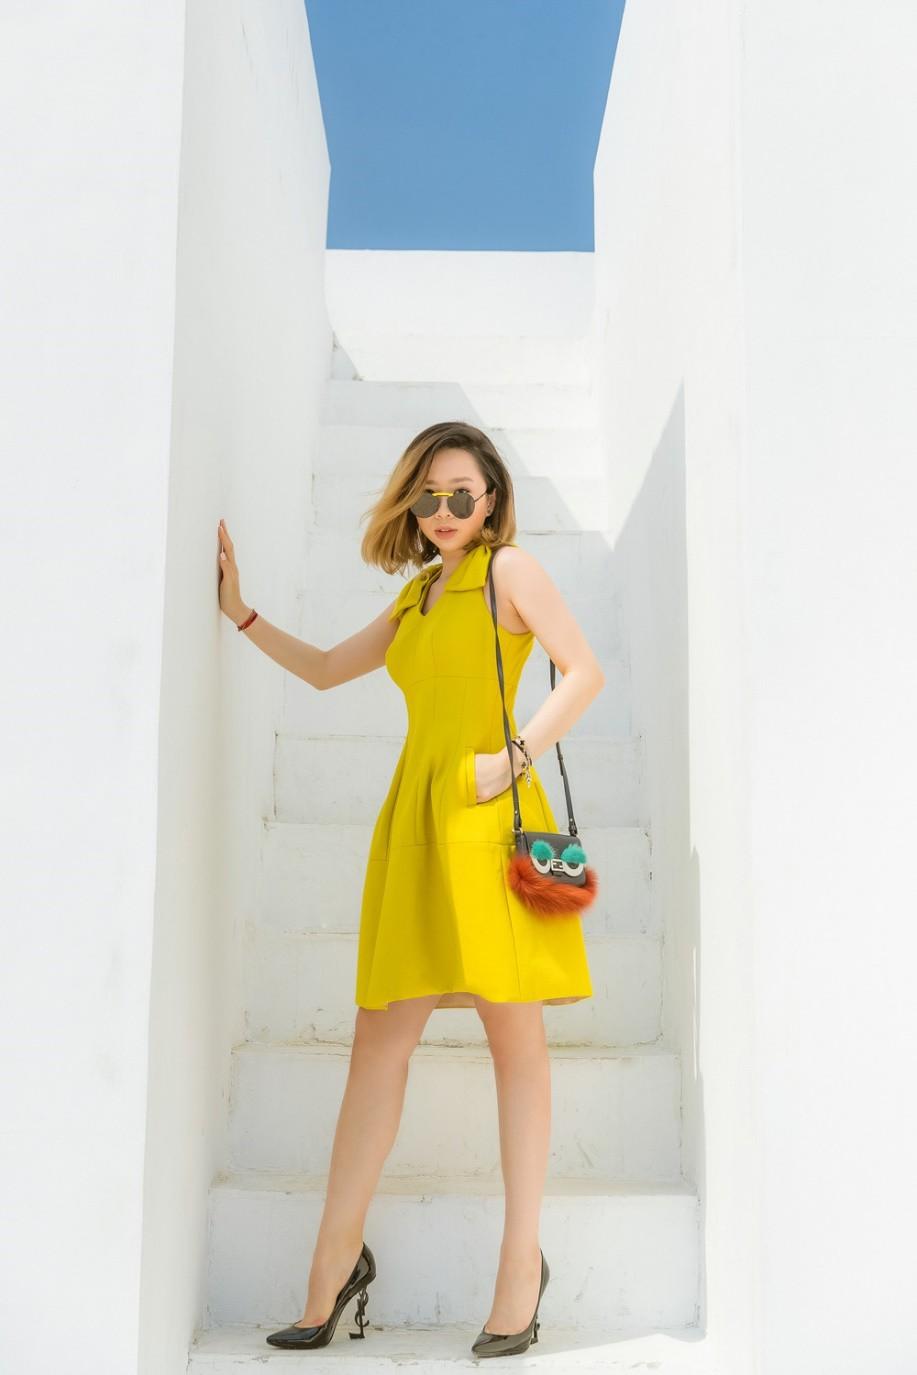 """Gặp gỡ cô nàng du học sinh """"mặc chất"""" như fashionista khiến NTK Văn Thành Công xao xuyến - Ảnh 1."""